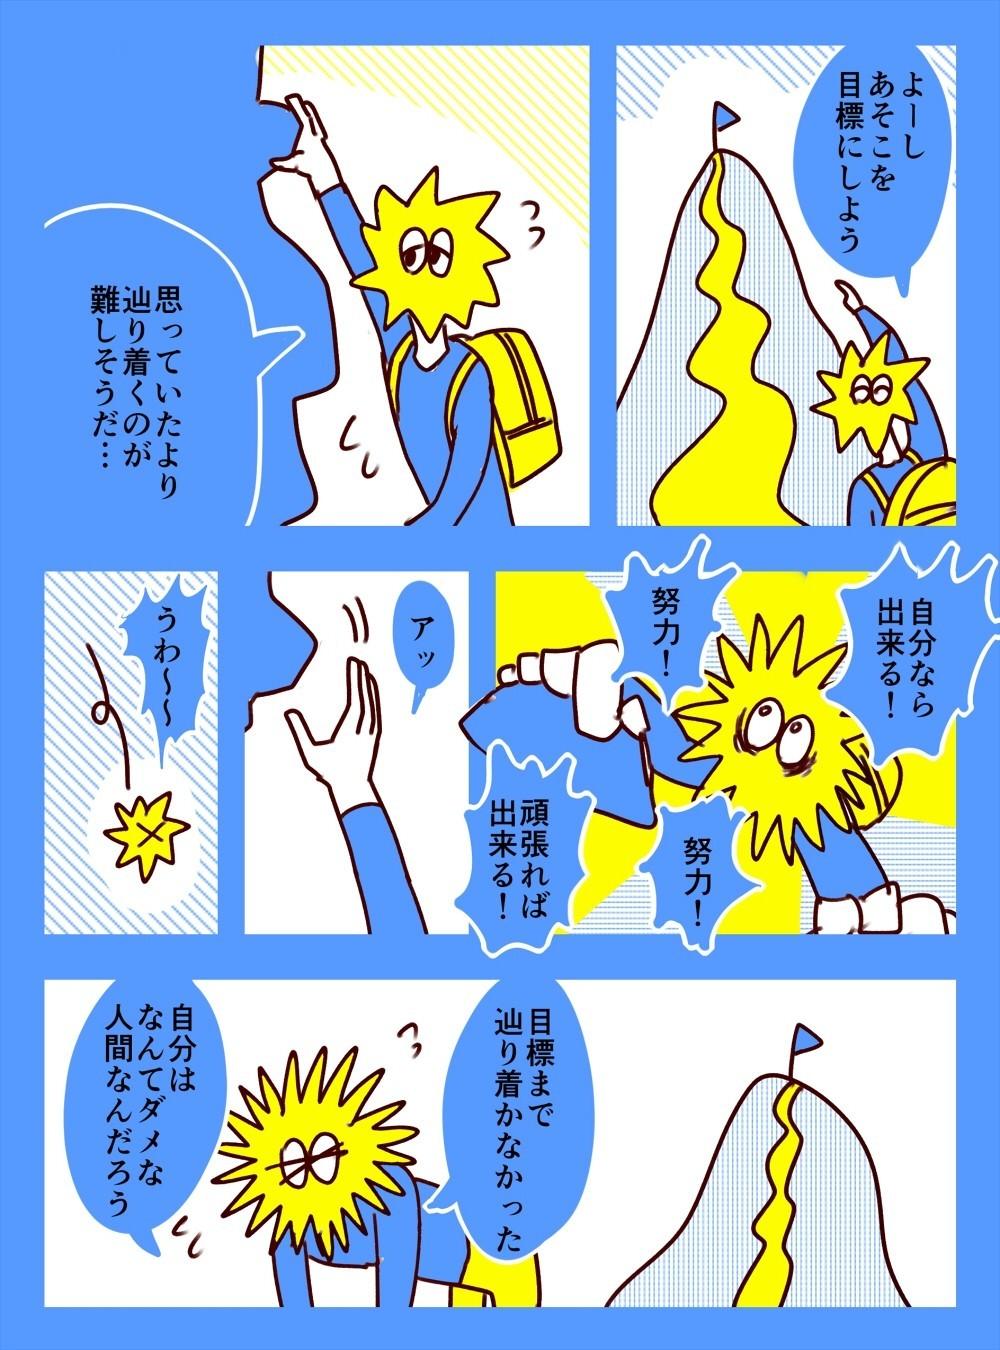 テンプレ_zu-kiruu_-4.16